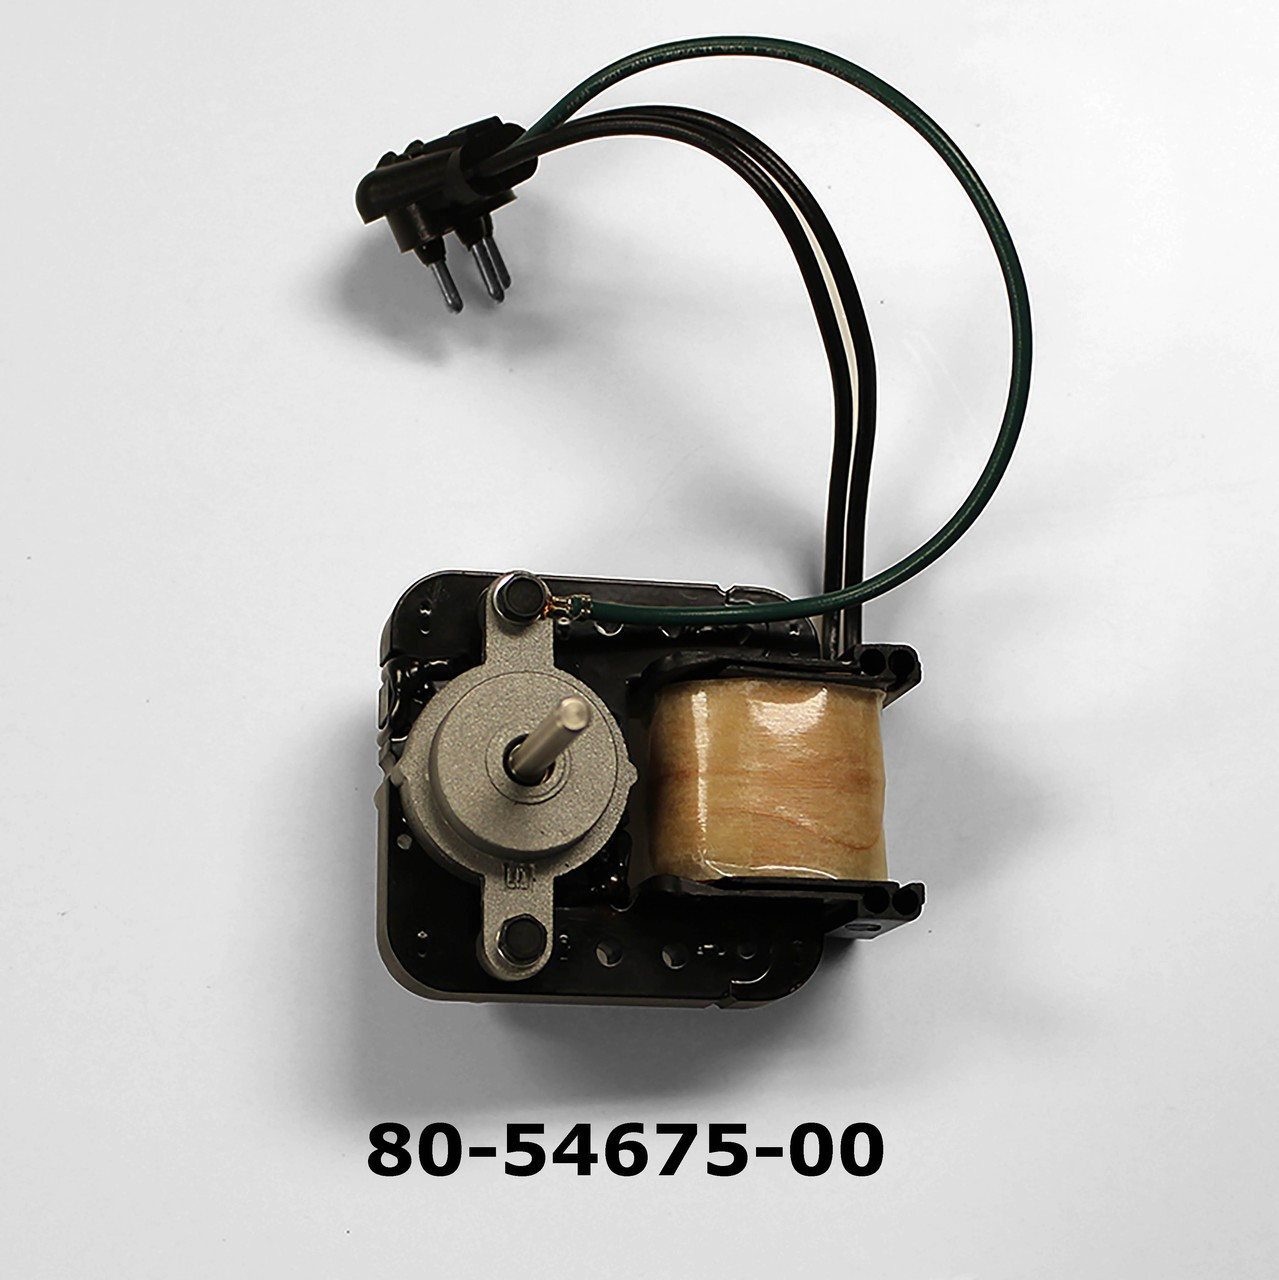 U-Line 80-54675-00 - Evaporator Fan Motor